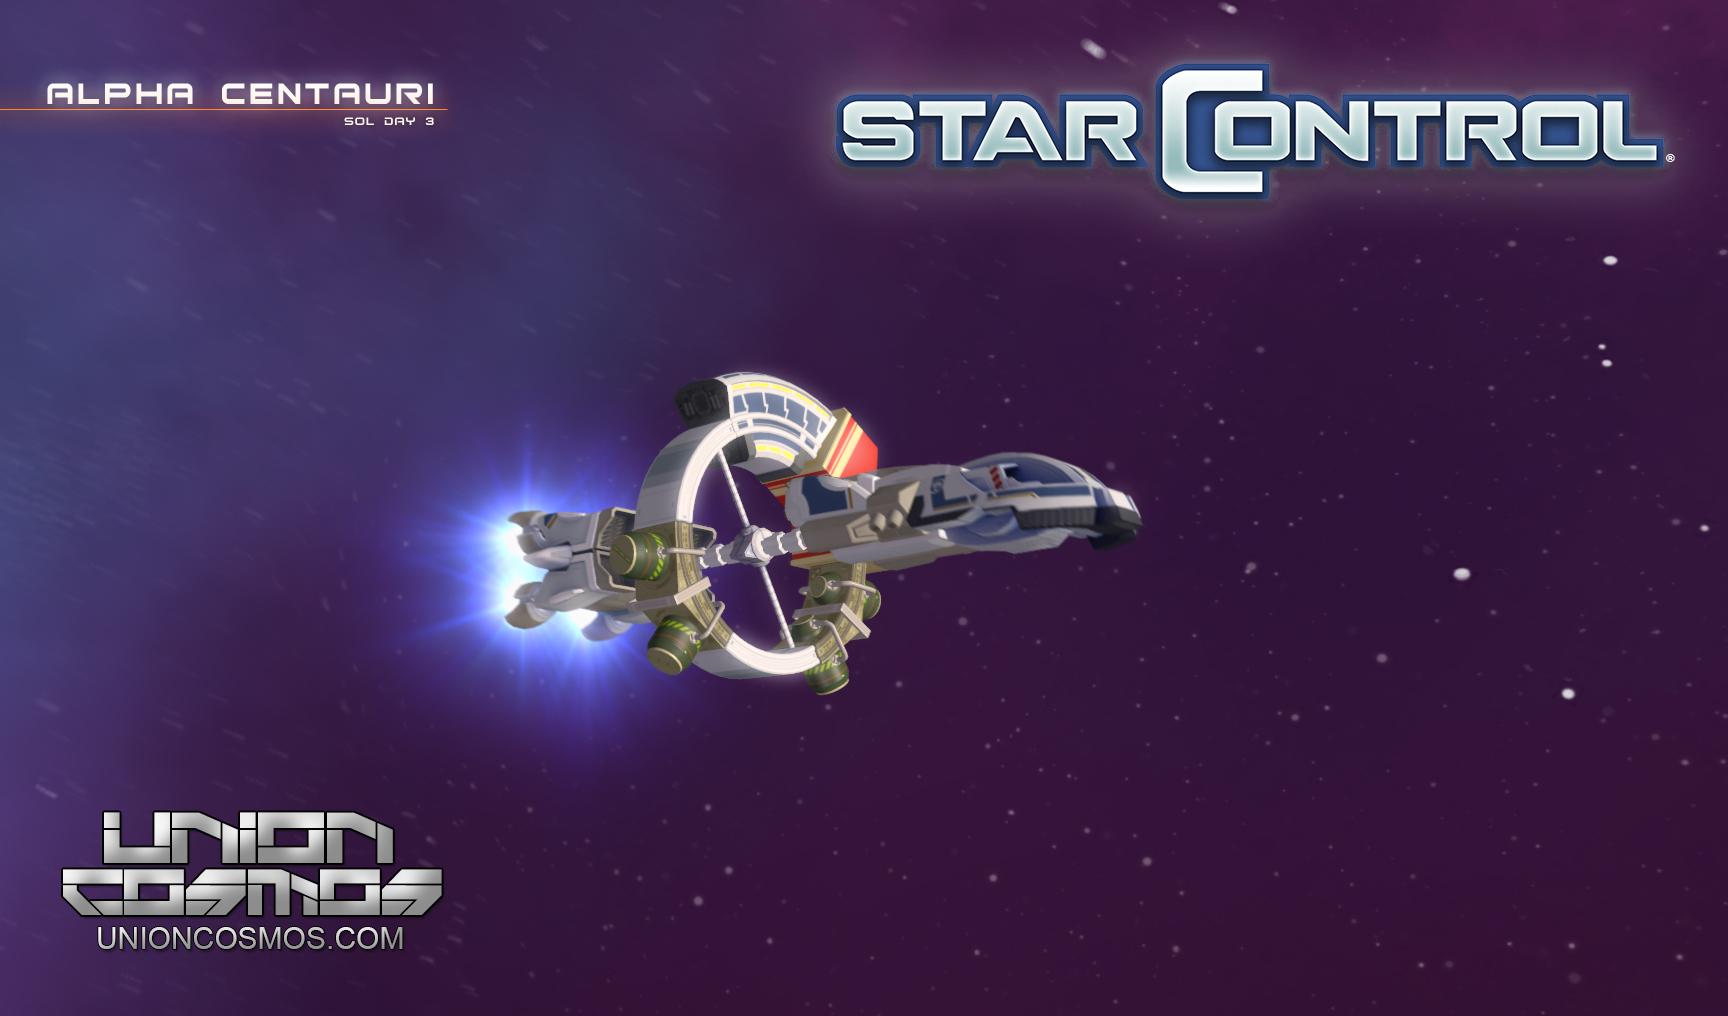 union-cosmos-star-control-origins-screenshot-nave